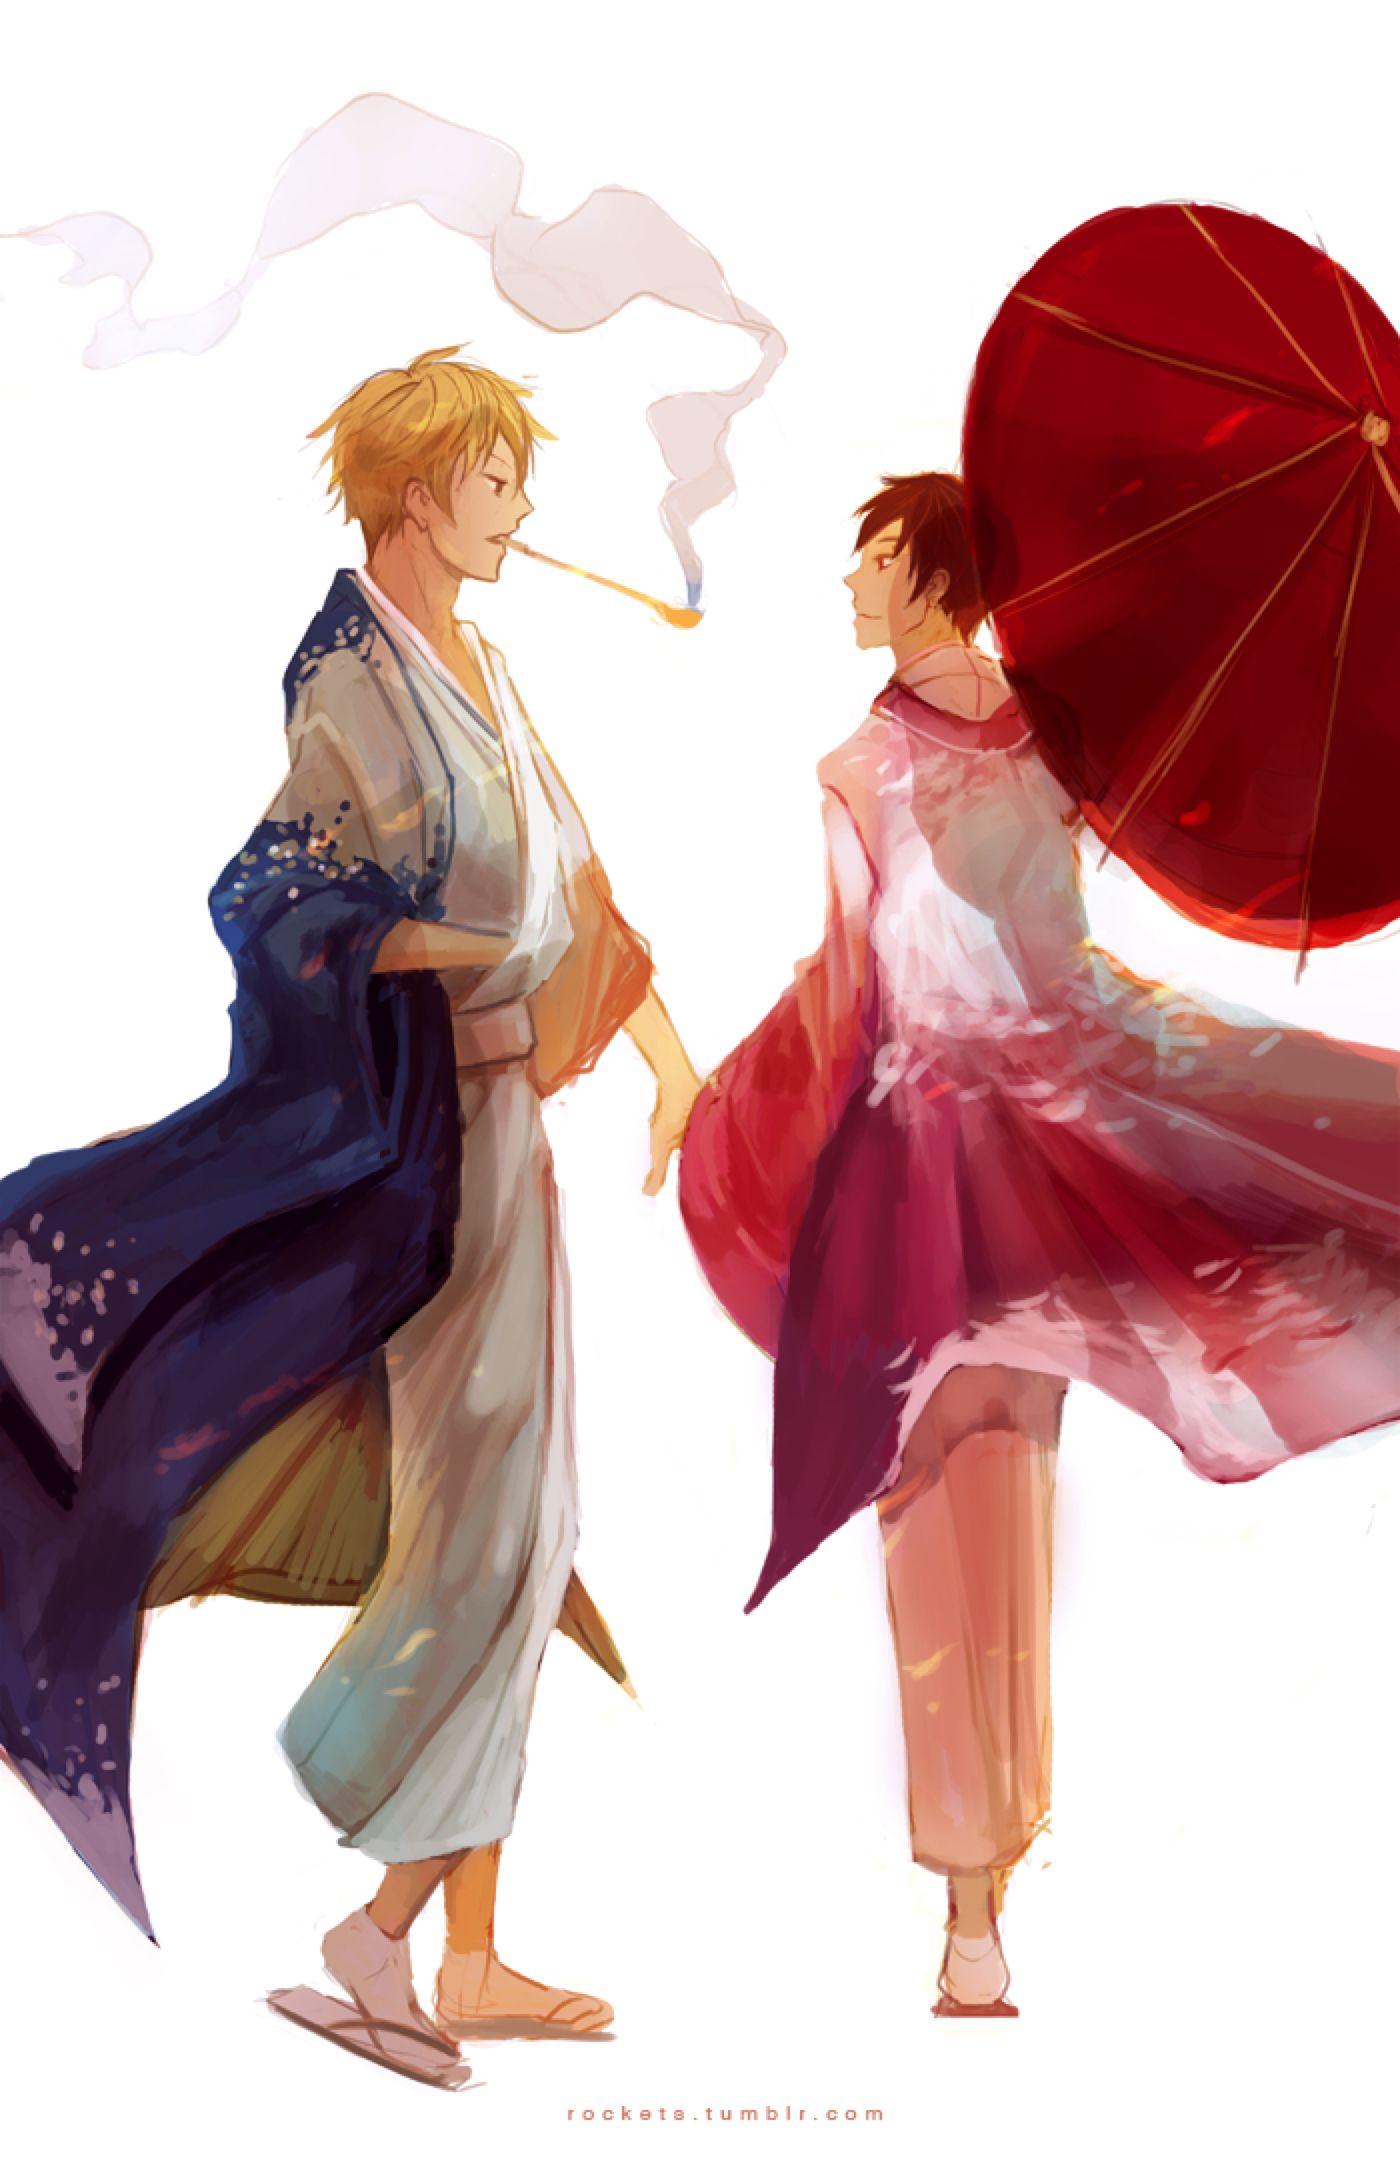 shizaya kimono vers. by hakuku on DeviantArt